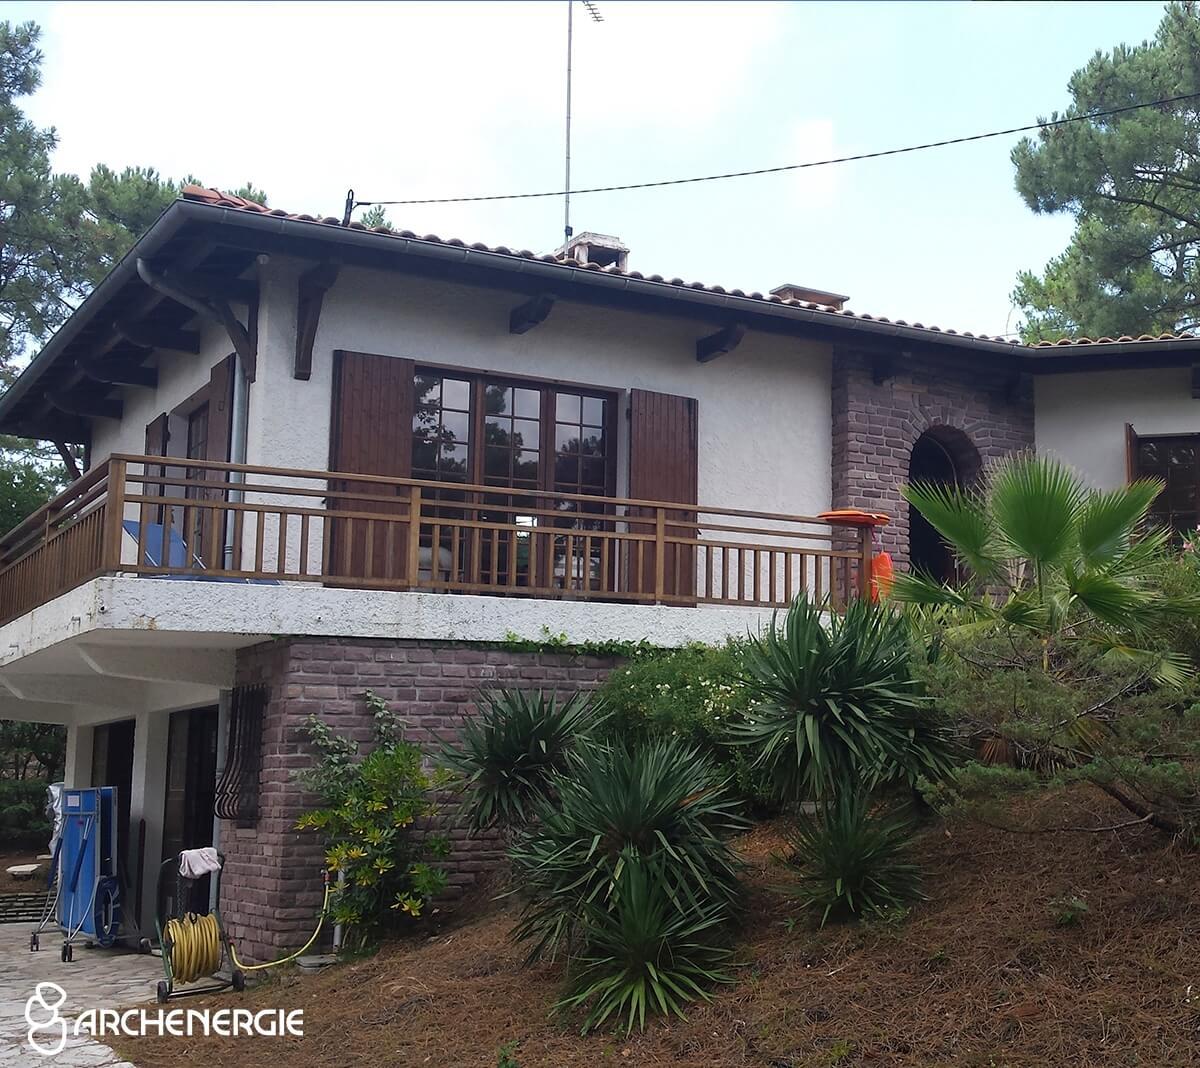 Villa Cap Ferret avant travaux de rénovation - Archenergie